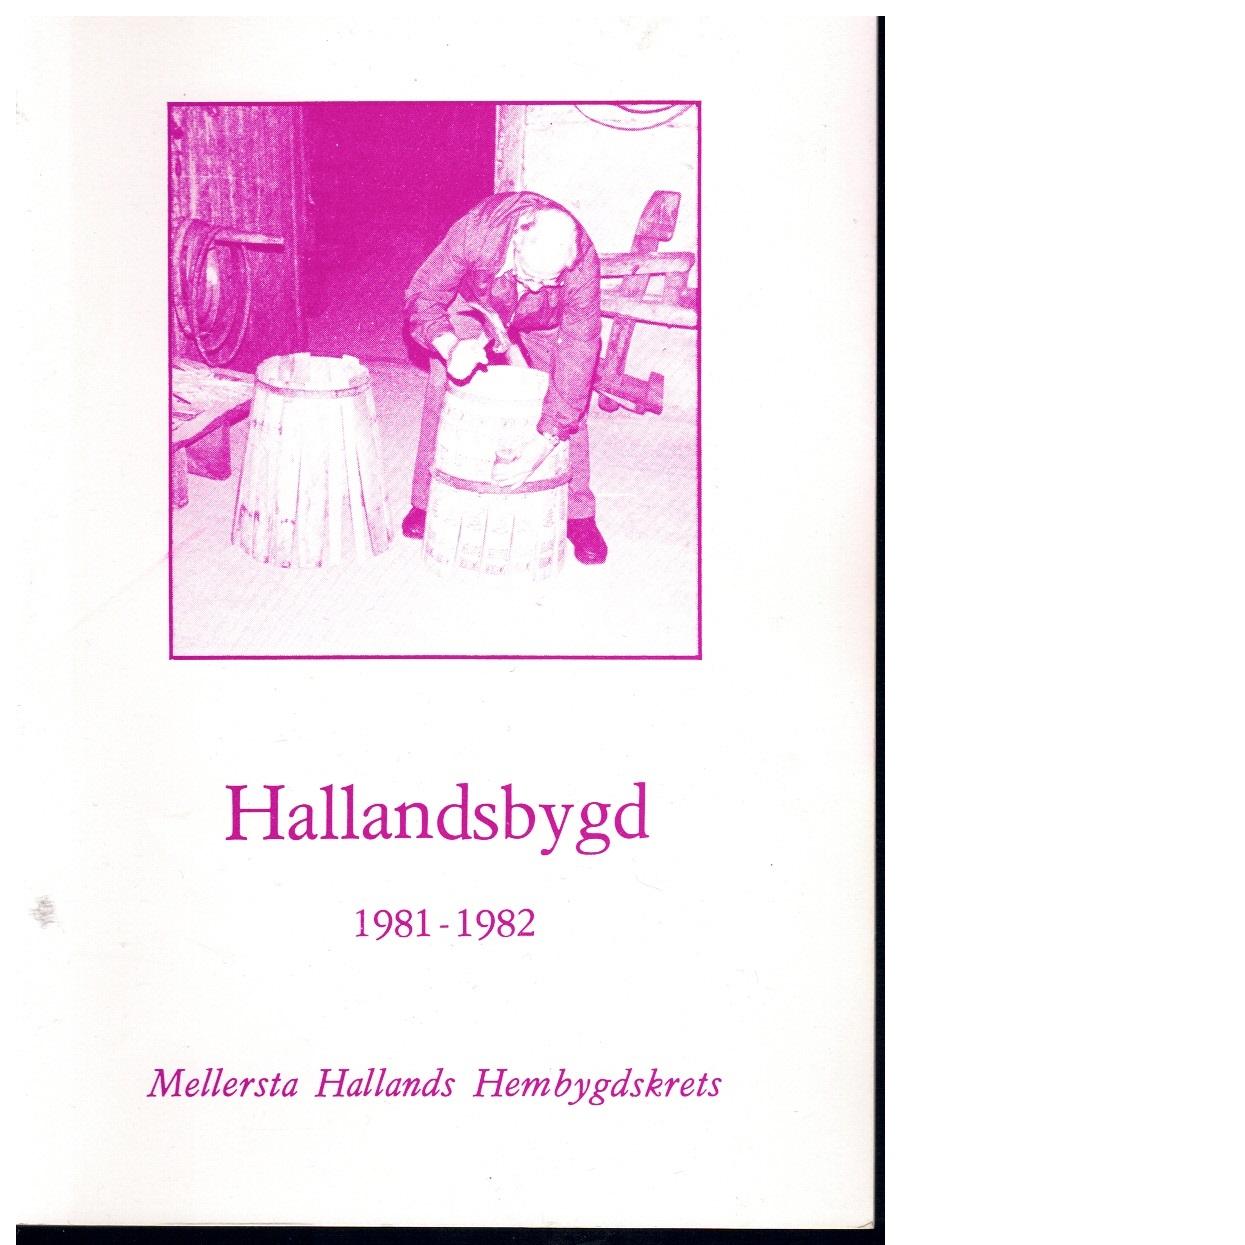 Hallandsbygd 1981-82 - Red.